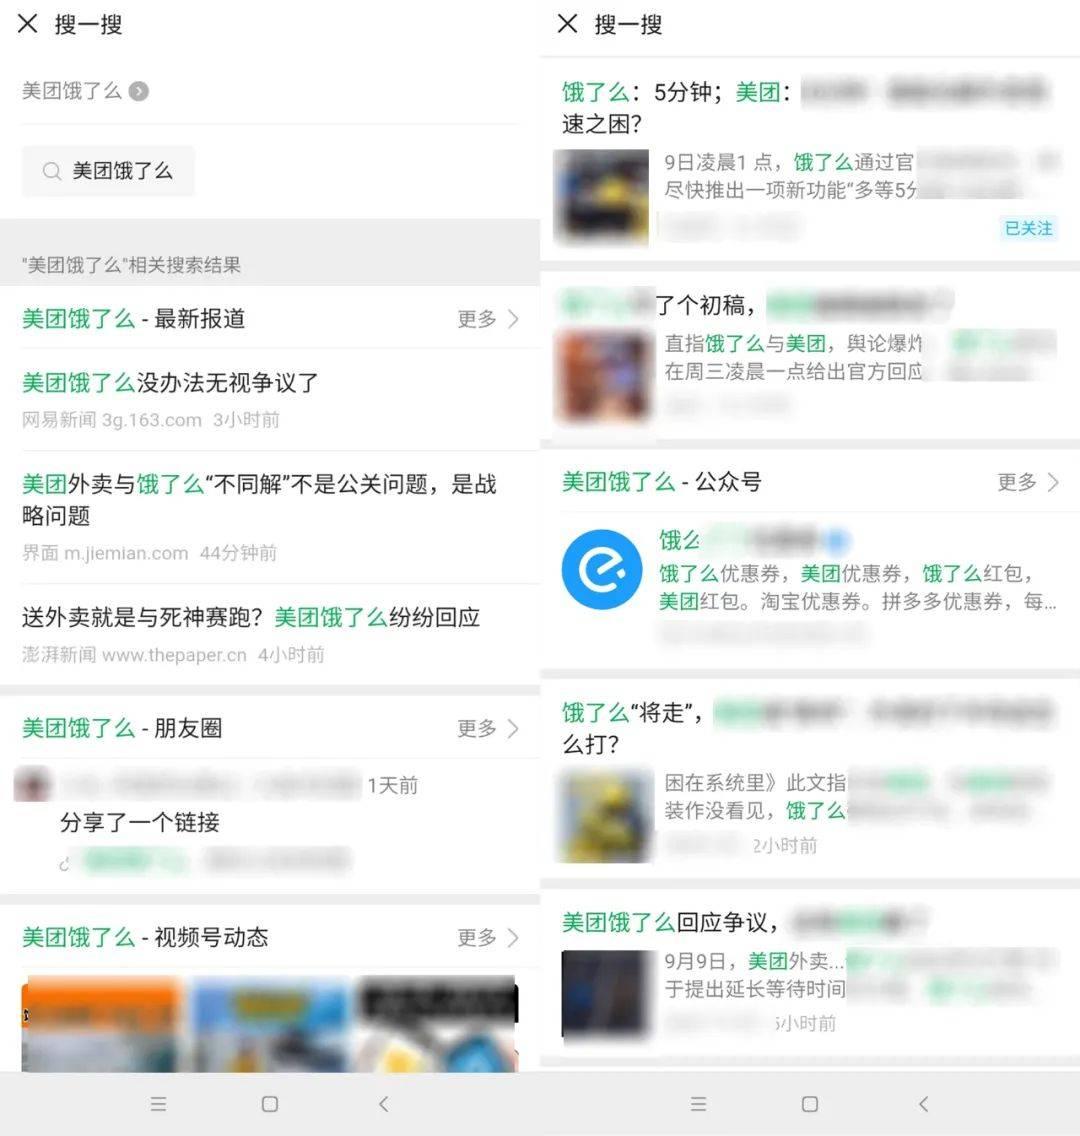 鸟哥笔记,新媒体运营,运营公举小磊磊,分享,微信